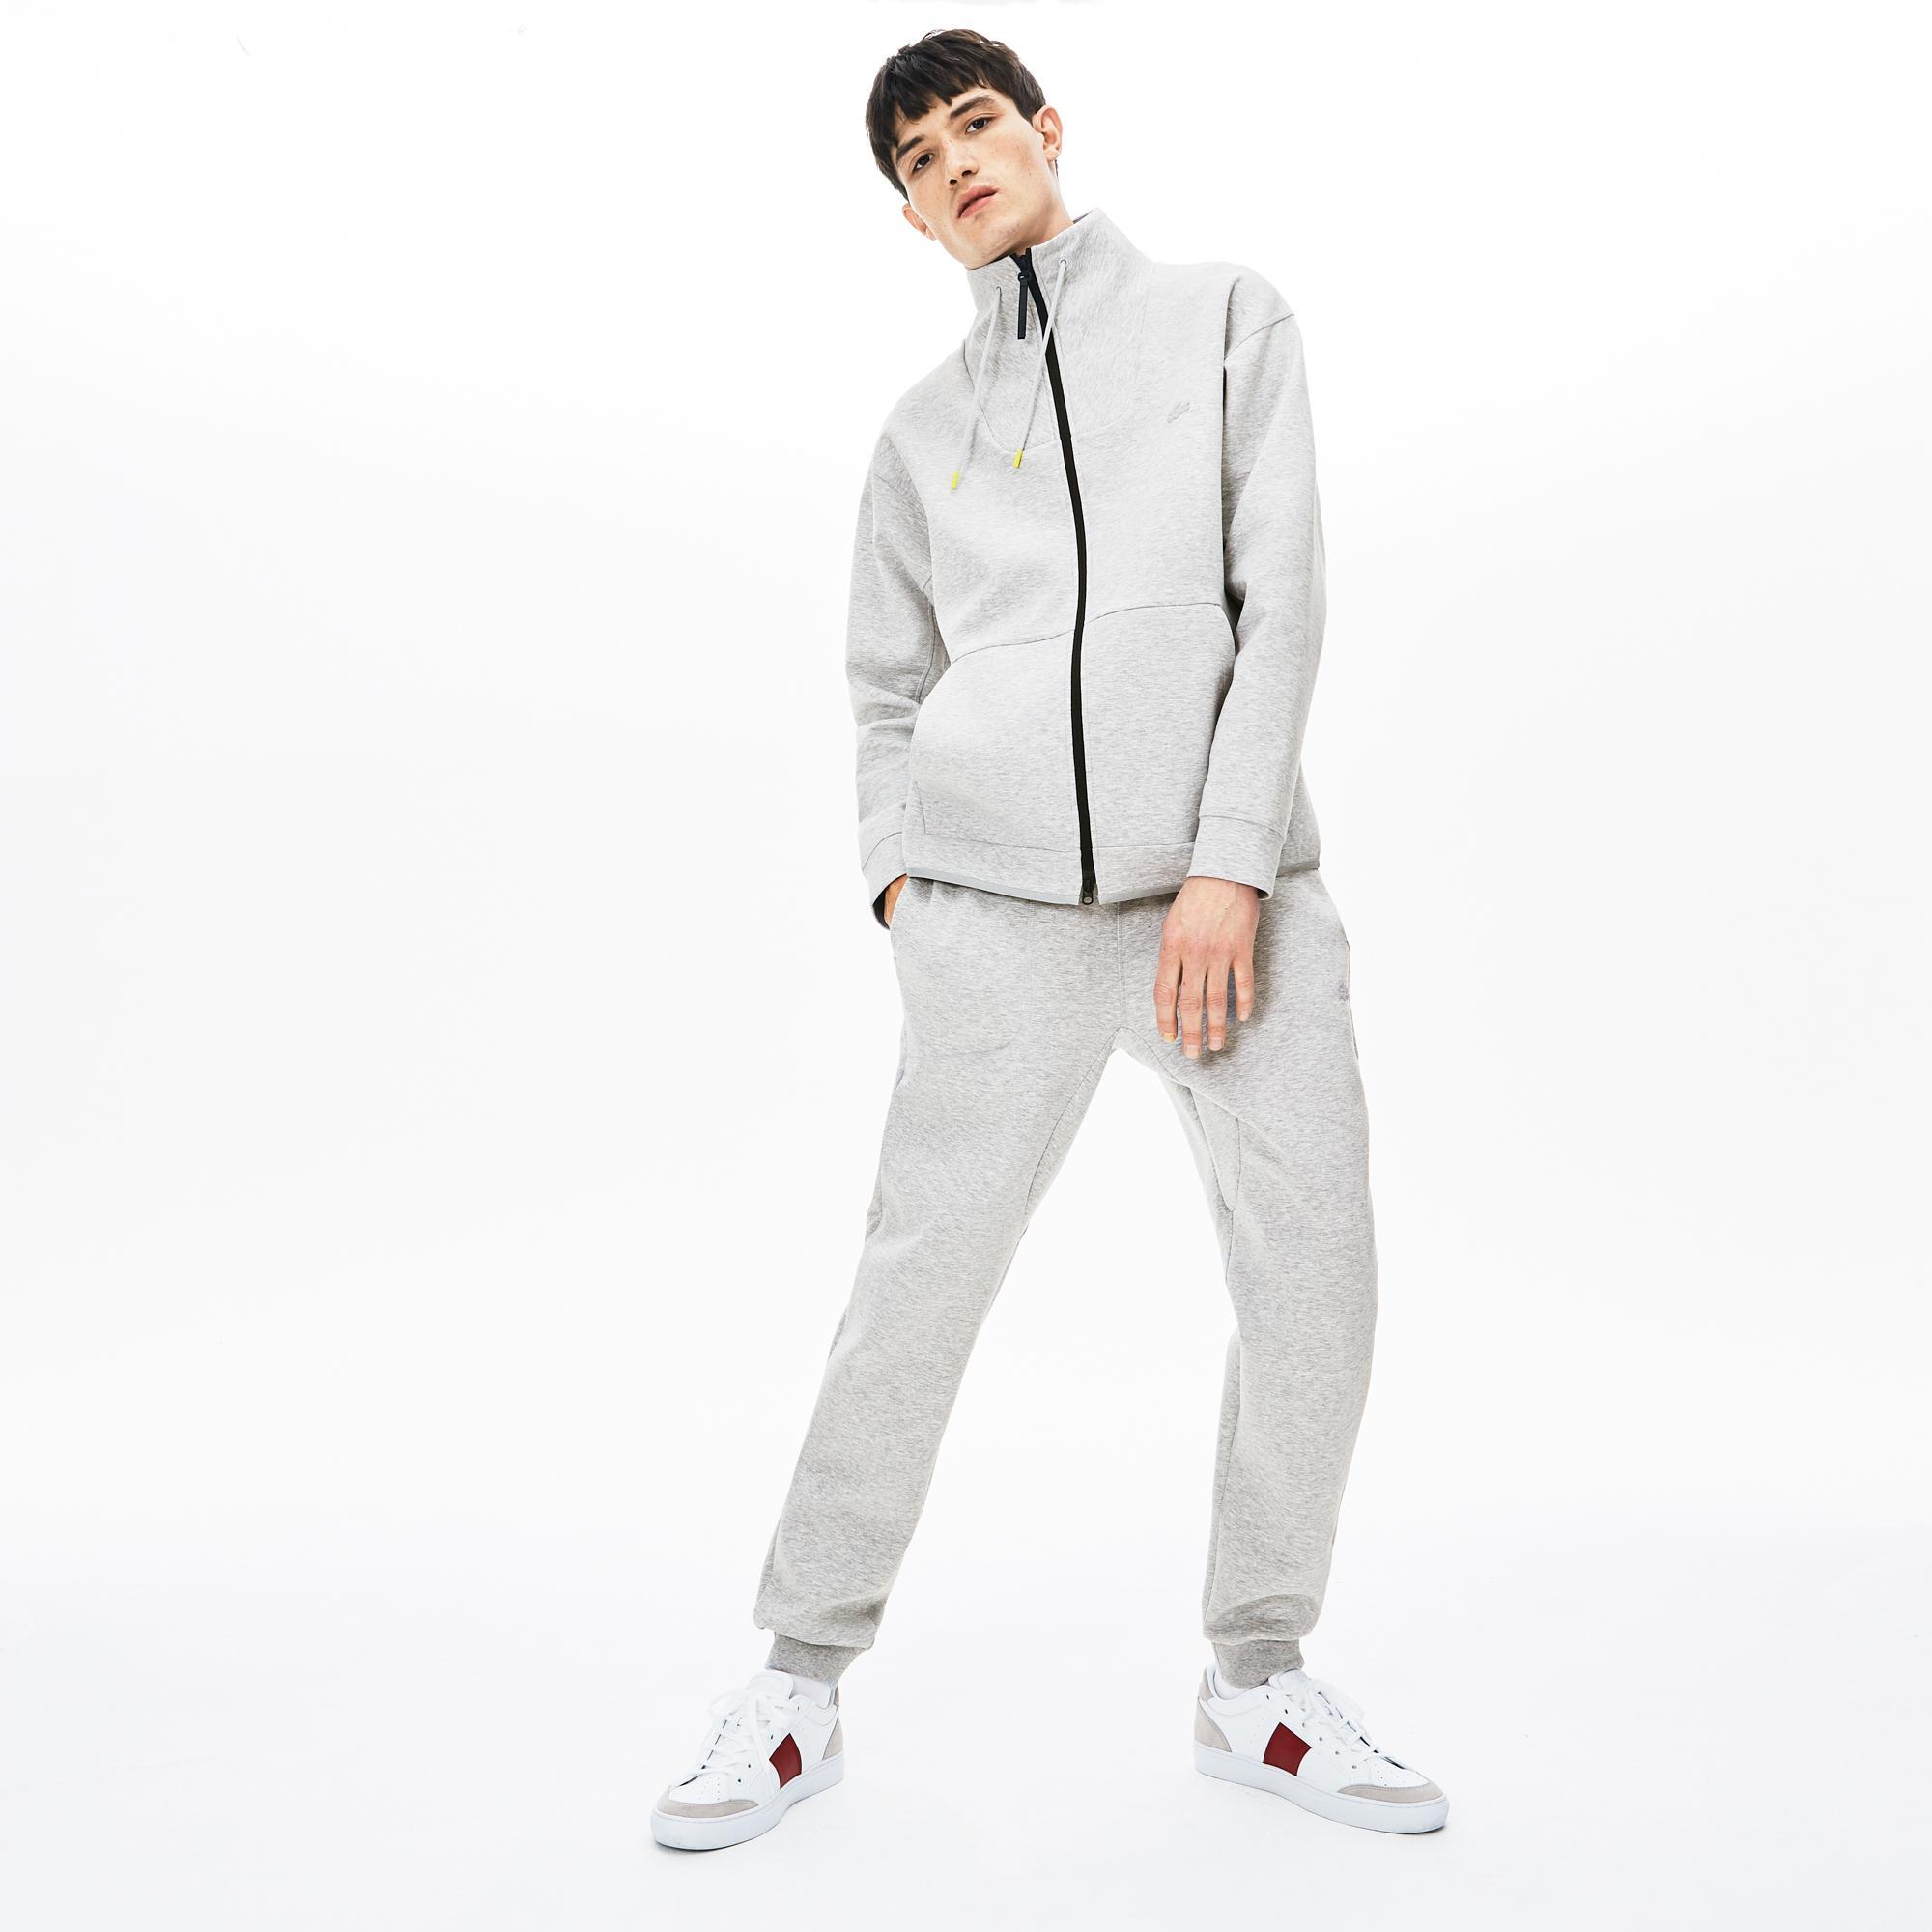 Lacoste Men's Motion Ergonomic Cotton Blend Sweatpants